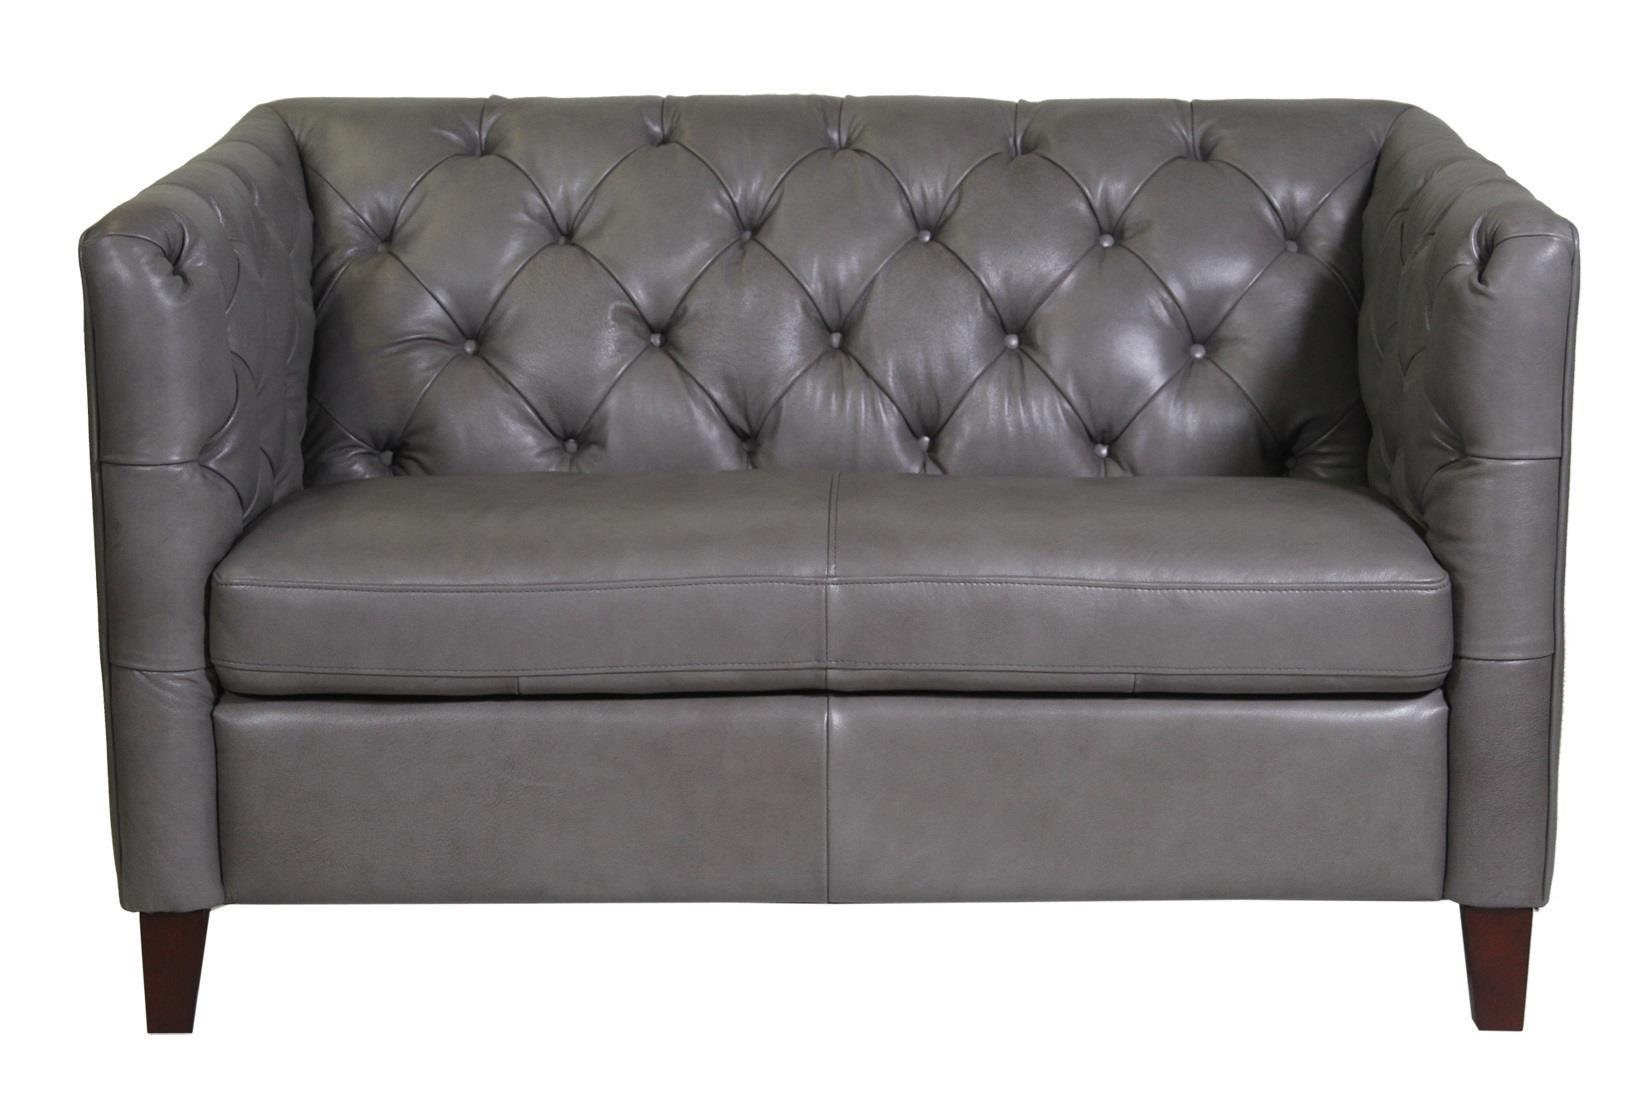 Futura Leather Monroe Loveseat - Item Number: 8645-20